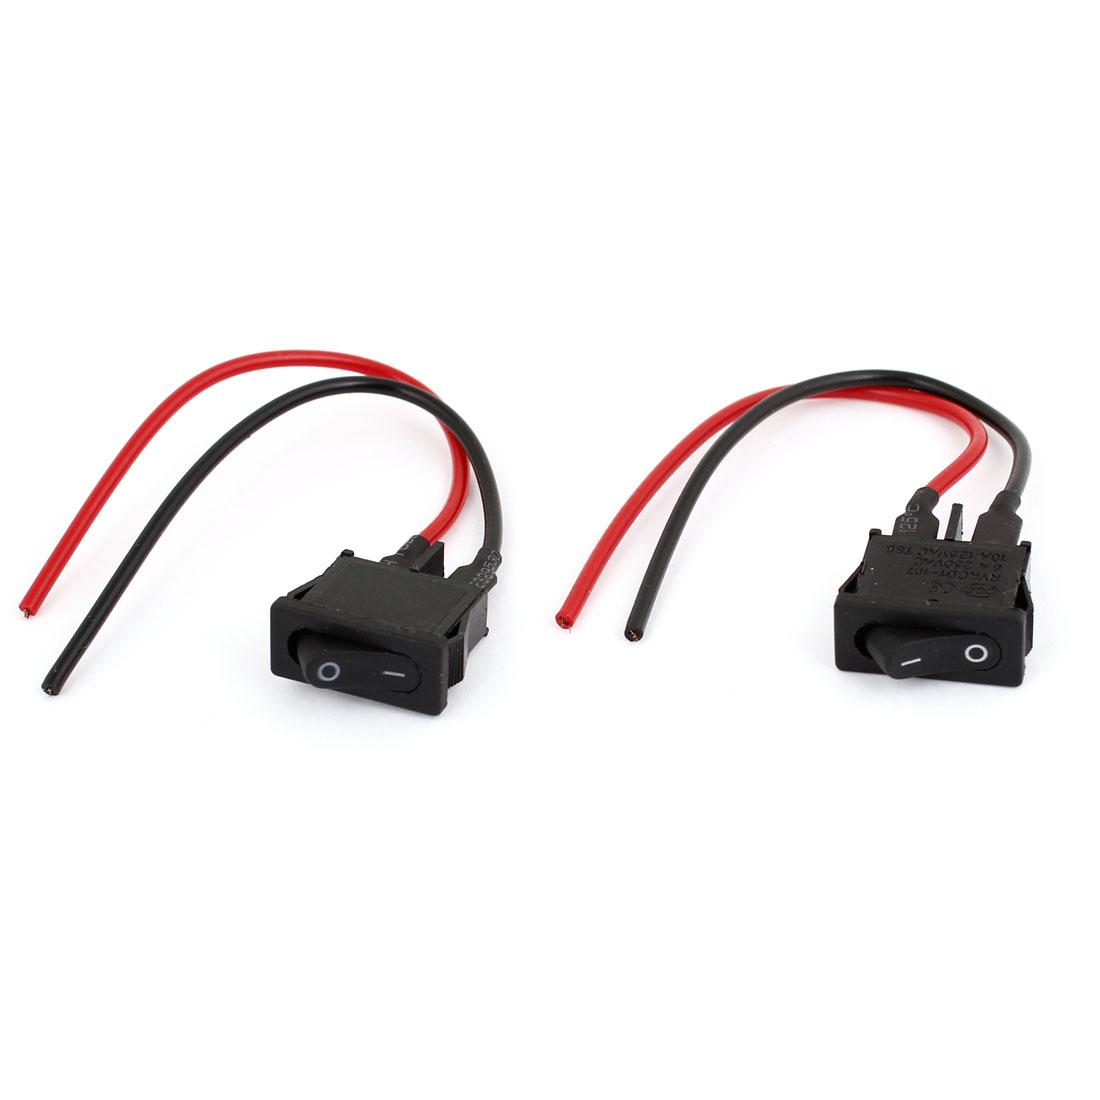 2 Pcs AC 6A/250V 10A/125V ON/OFF Rocker Switch for Auto Car